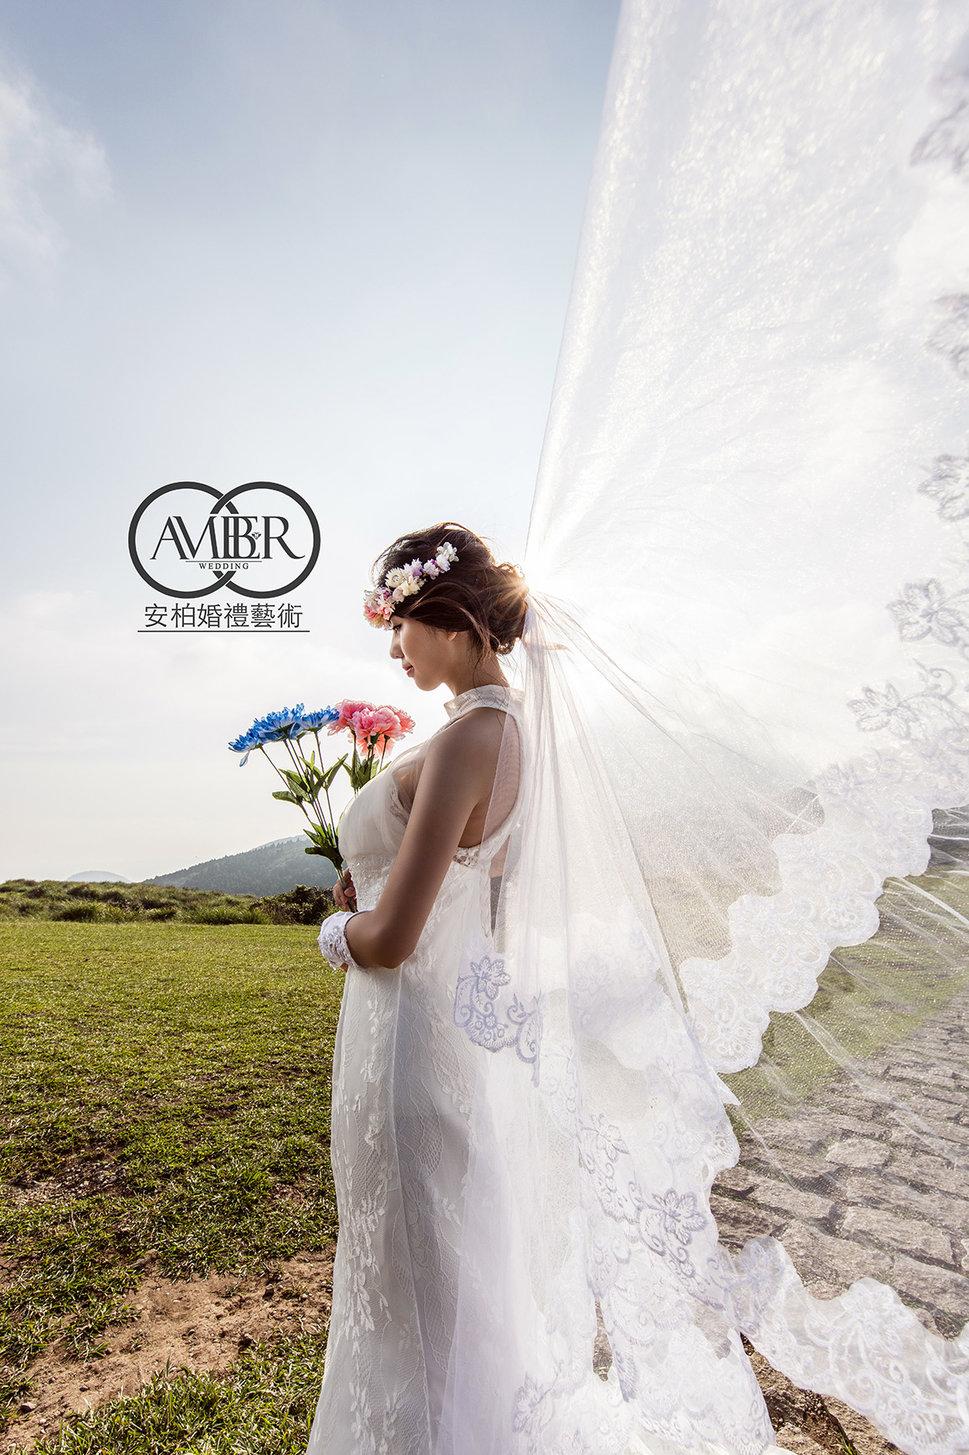 安柏婚紗攝影(編號:10557) - 安柏婚禮藝術 - 結婚吧一站式婚禮服務平台